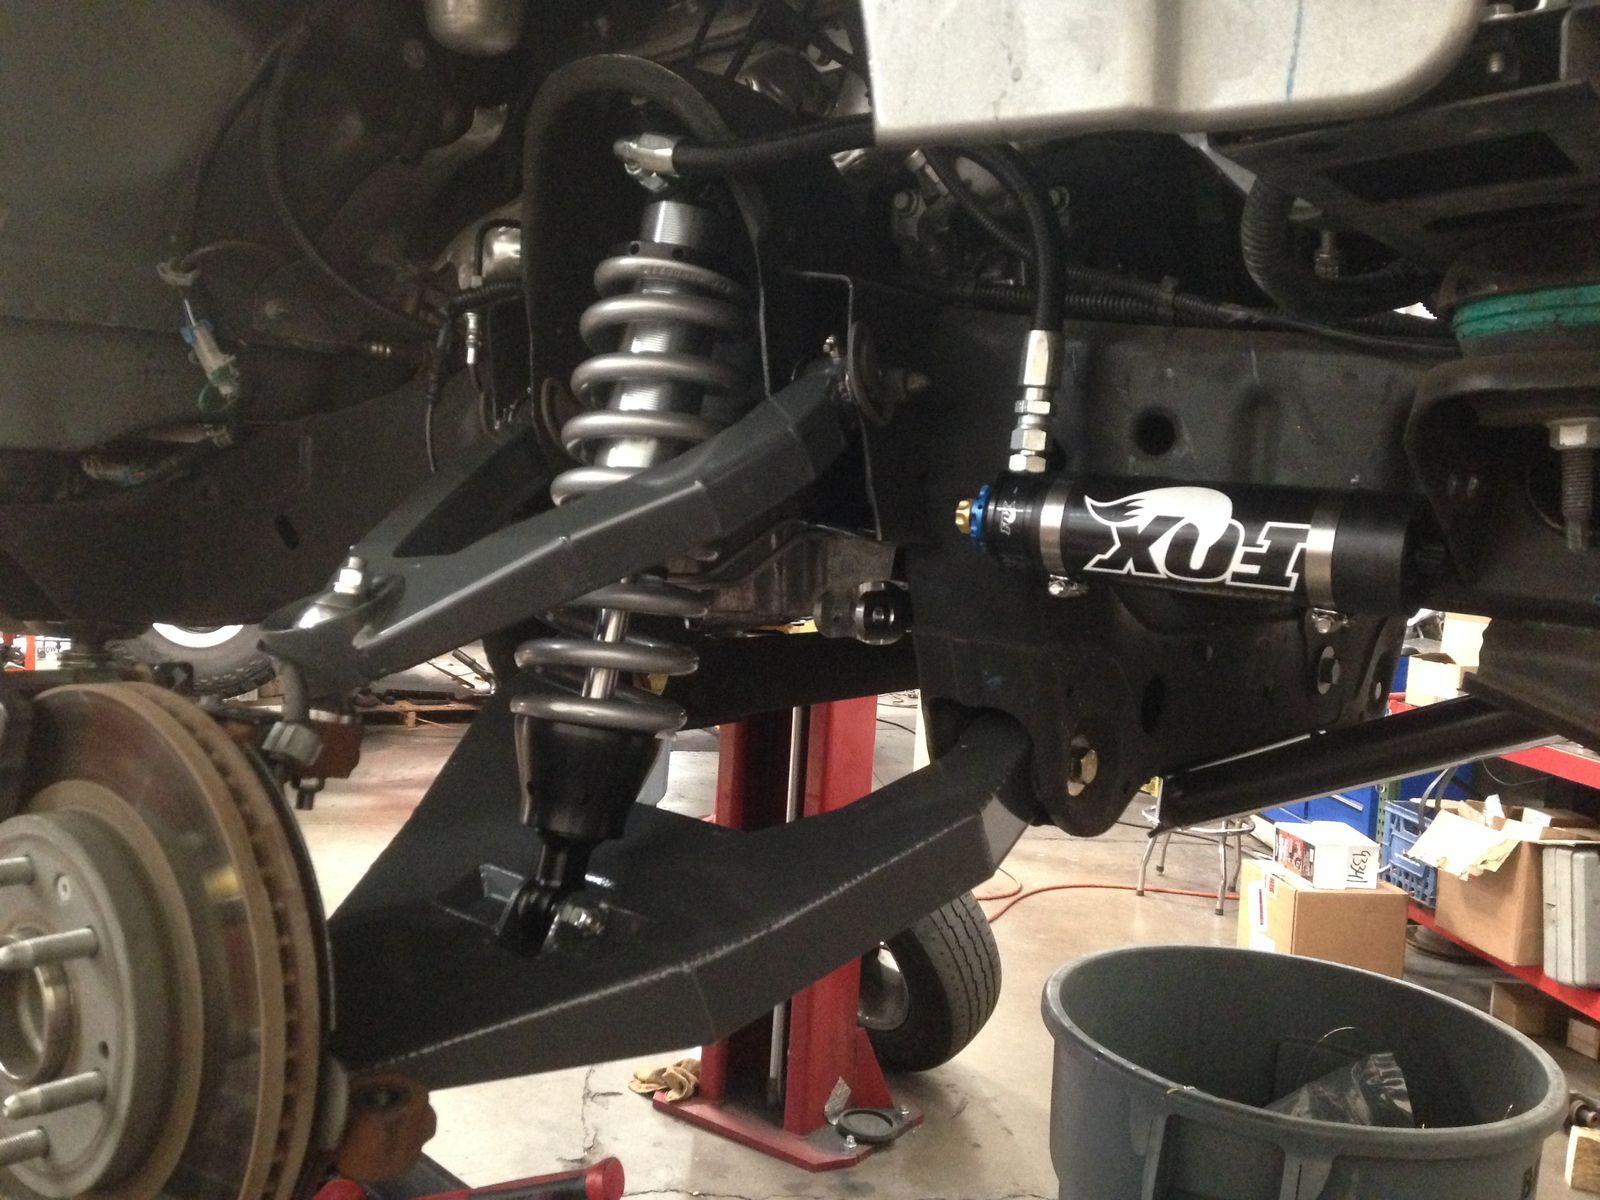 2012 Chevrolet C/K 1500 Series | Chevy Silverado 1500 Off-Road Build